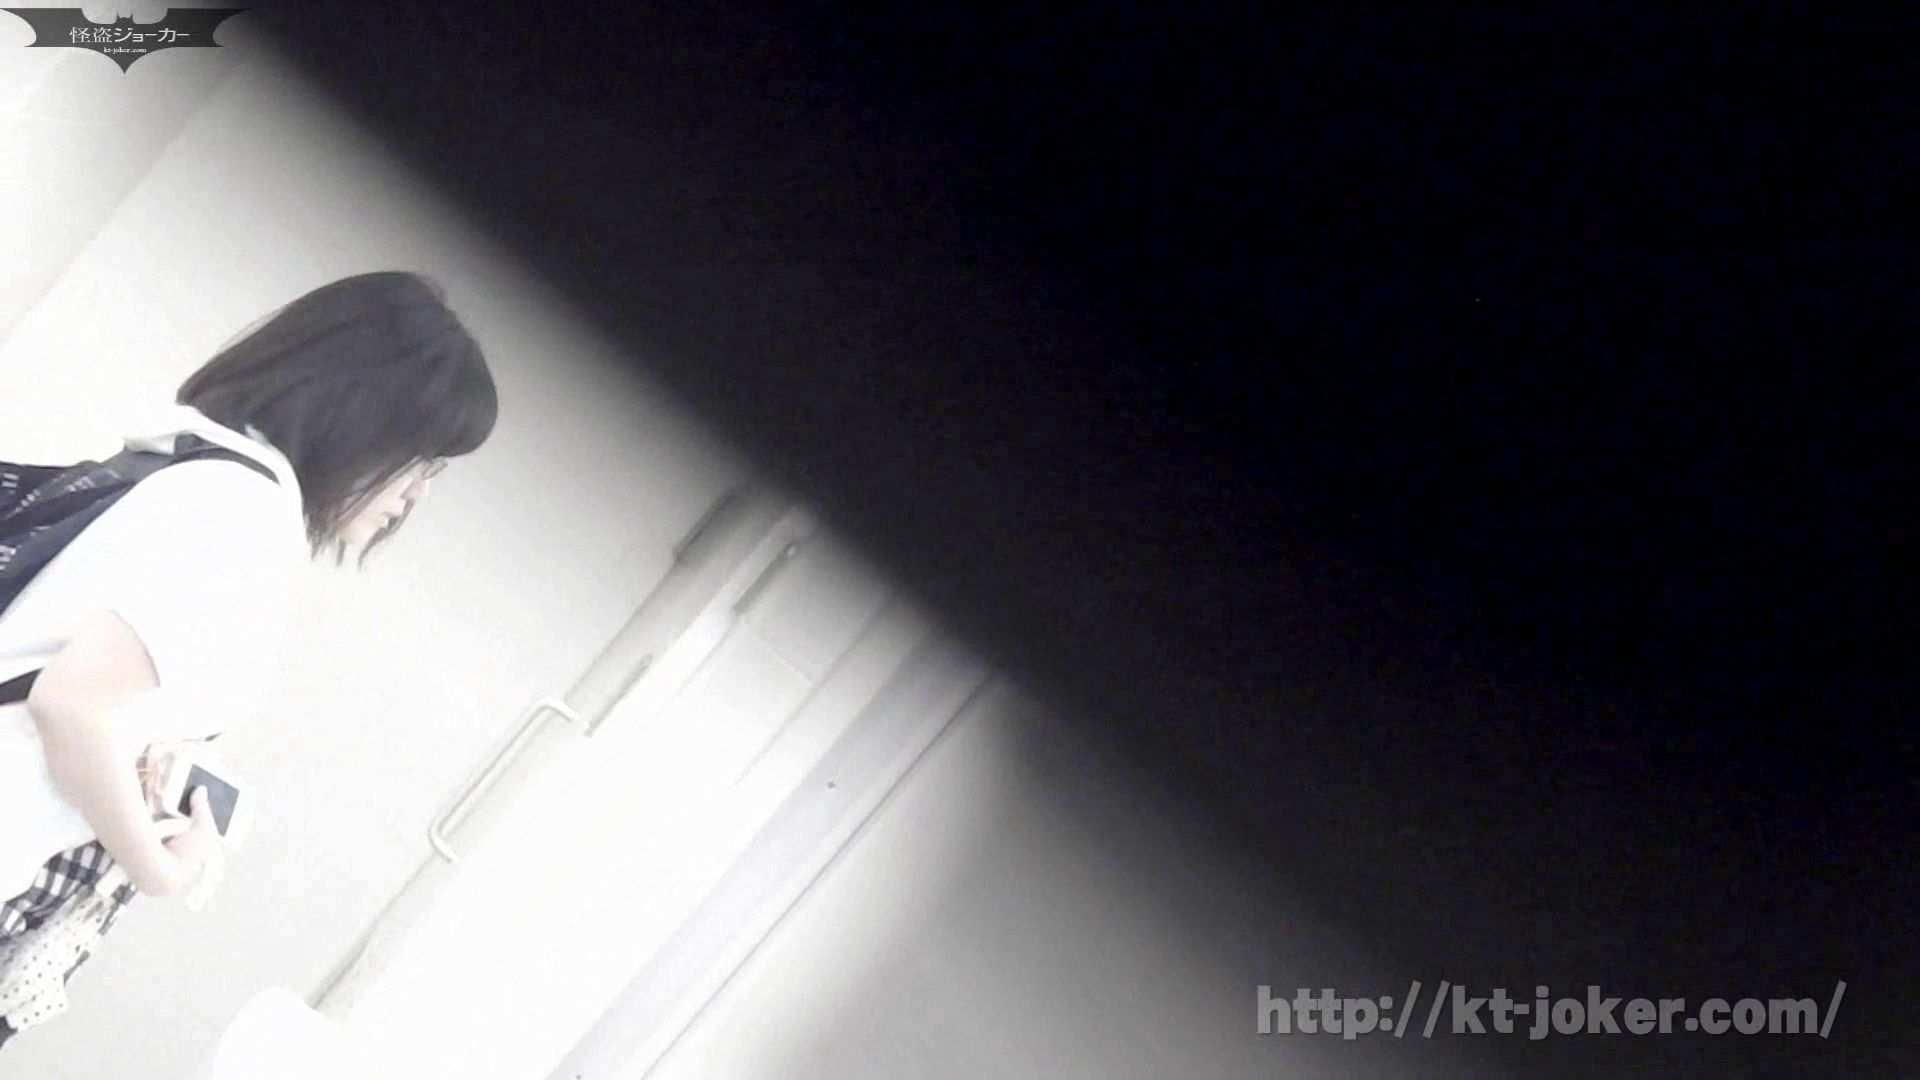 命がけ潜伏洗面所! vol.58 さらなる無謀な挑戦、新アングル、壁に穴を開ける OLエロ画像 のぞき濡れ場動画紹介 72PICs 20